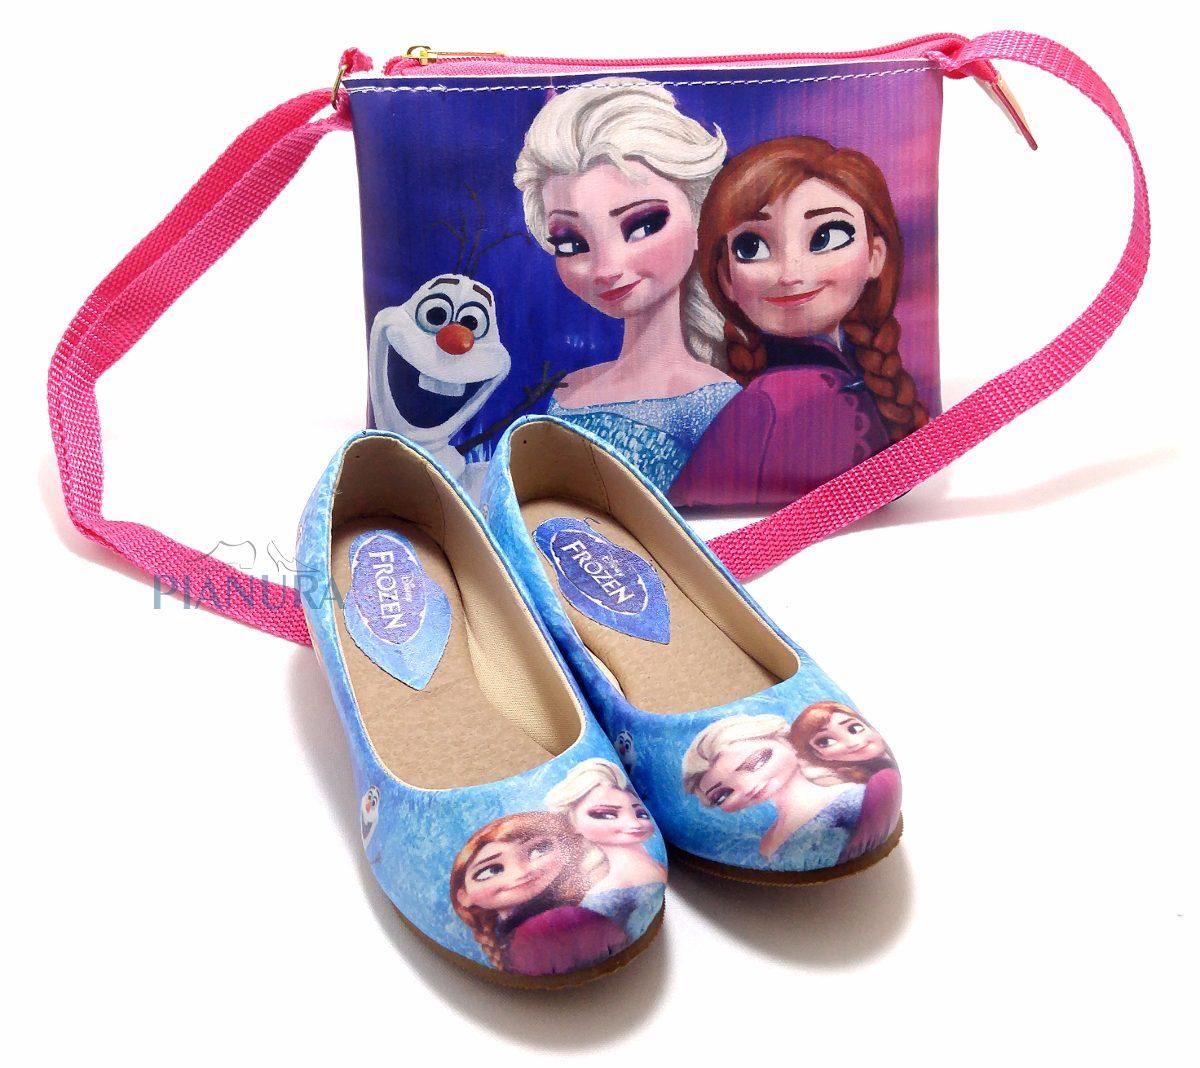 dbf72e6082 kit sapatilha infantil frozen disney elsa anna com bolsa. Carregando zoom.